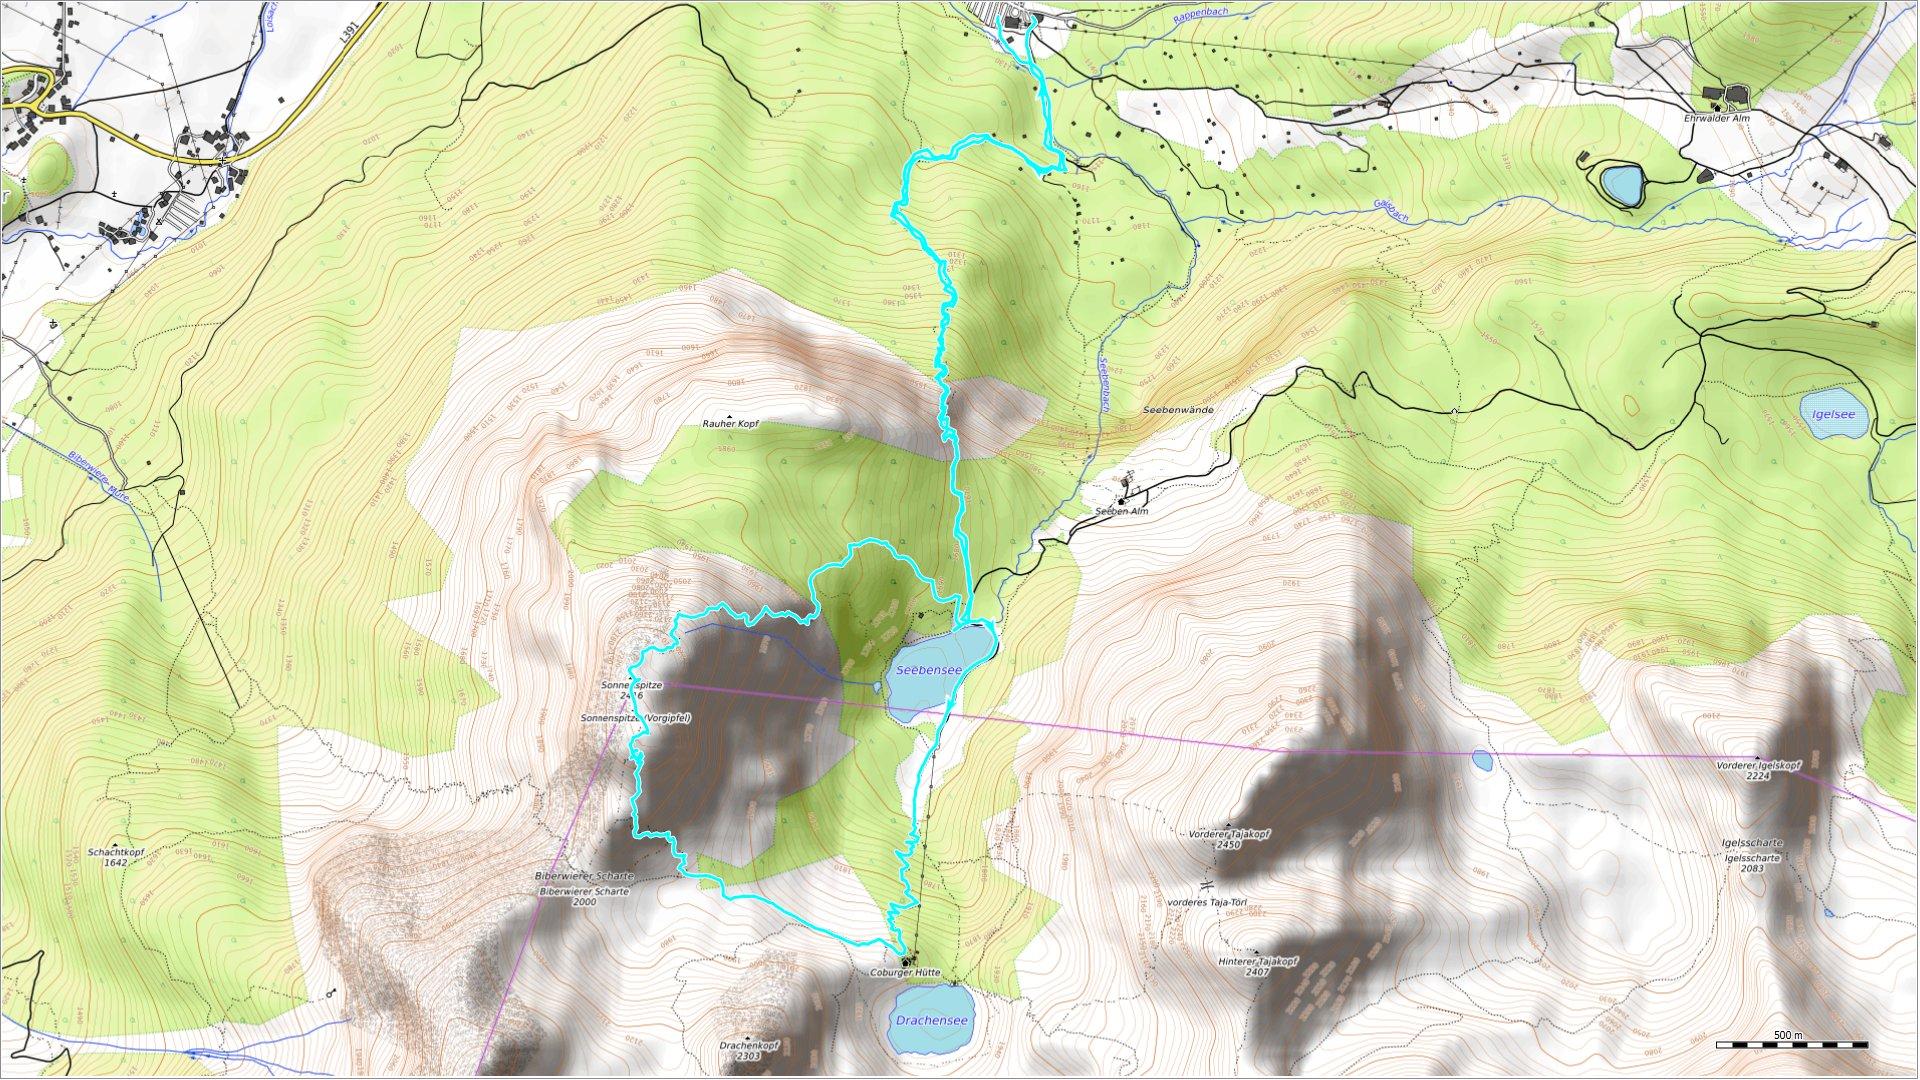 OSM Topo Map mit zurückgelegter Route (hellblau)